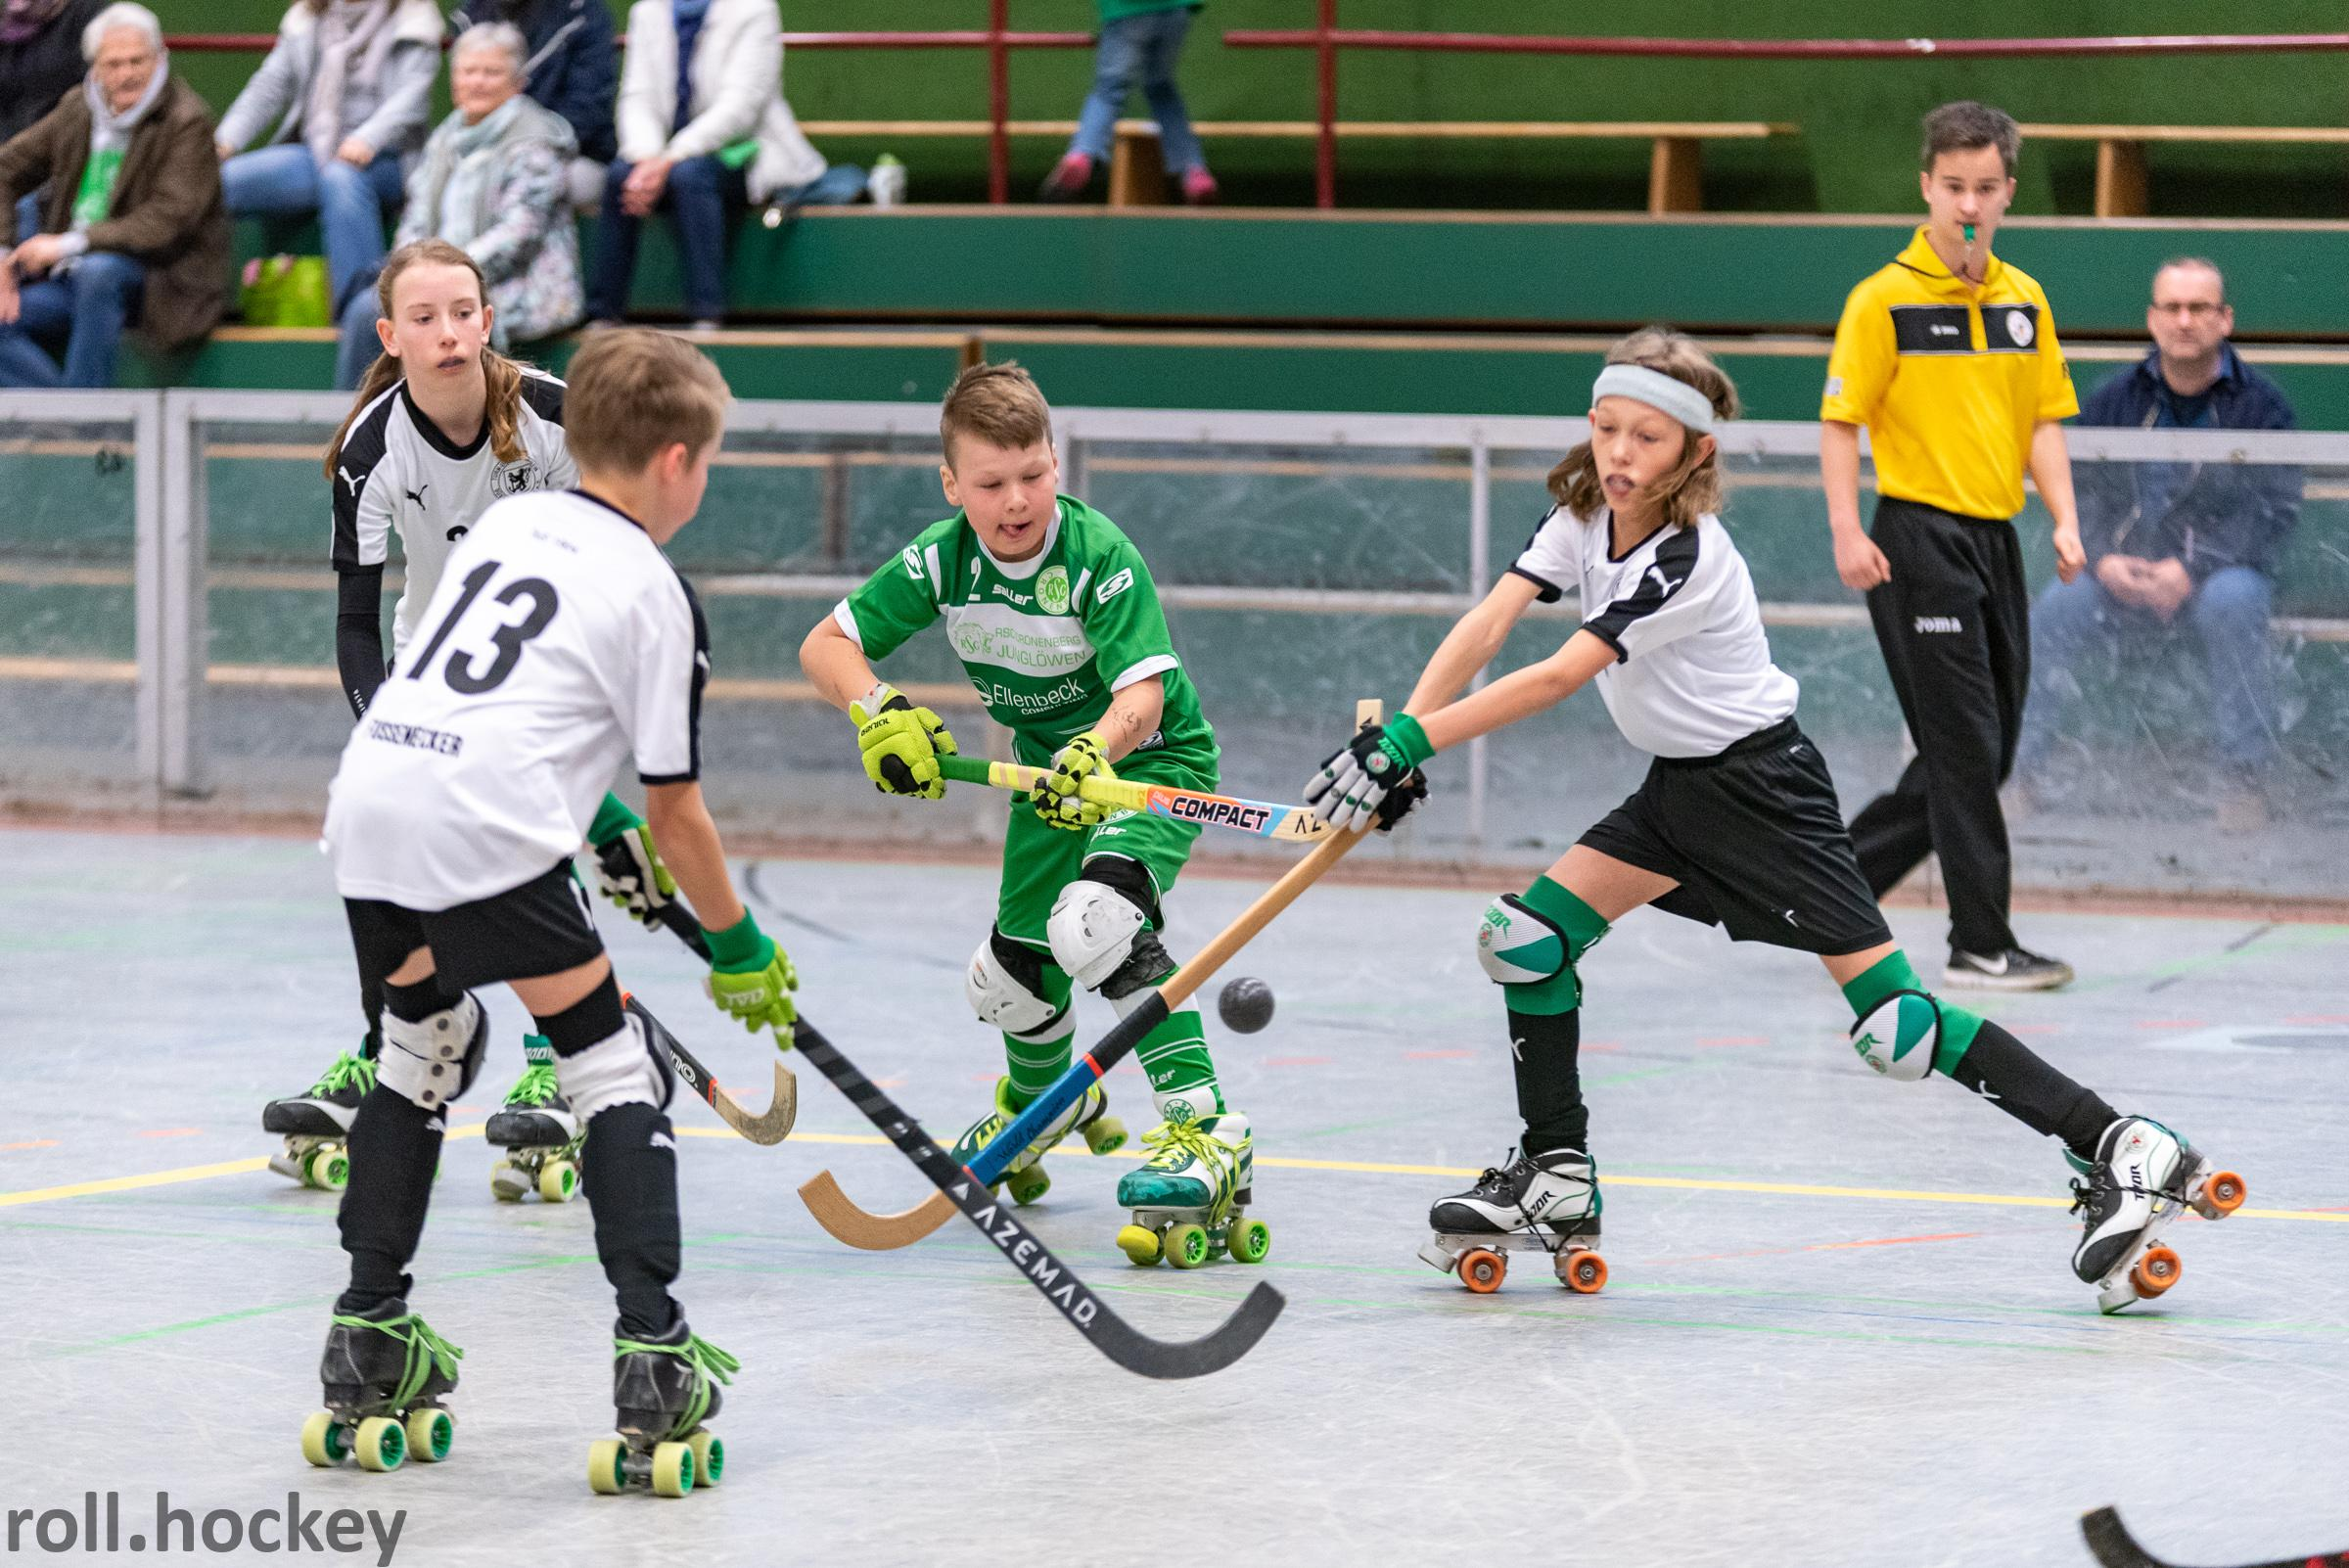 RSC Cronenberg Rollhockey Spieltag U13 05.05.2019